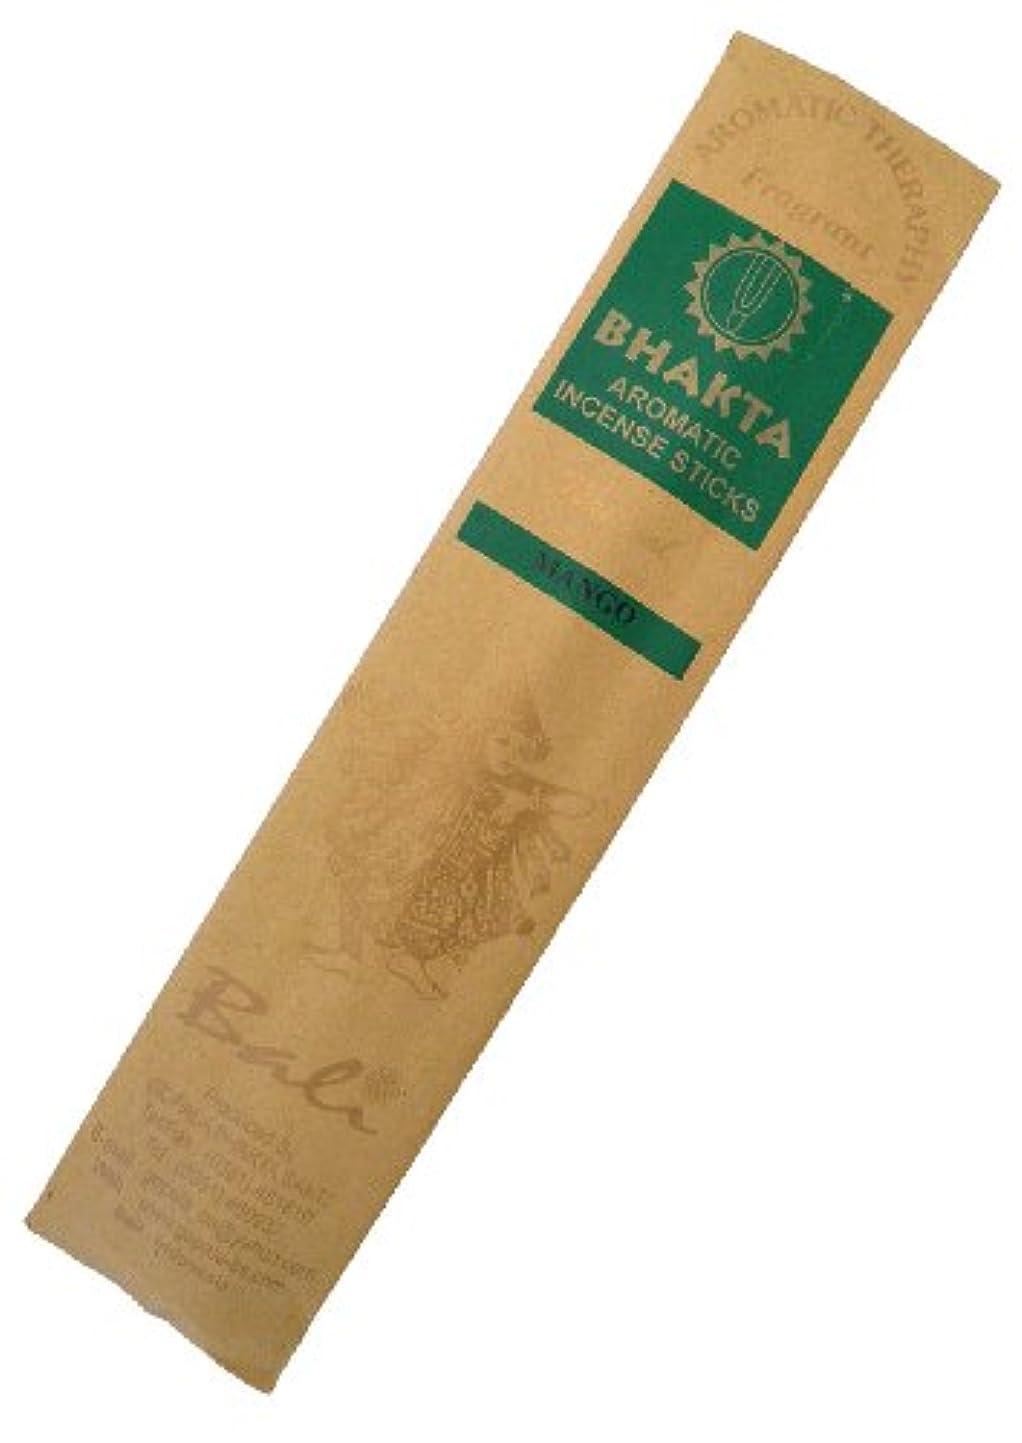 重くする表示流お香 BHAKTA ナチュラル スティック 香(マンゴー)ロングタイプ インセンス[アロマセラピー 癒し リラックス 雰囲気作り]インドネシア?バリ島のお香